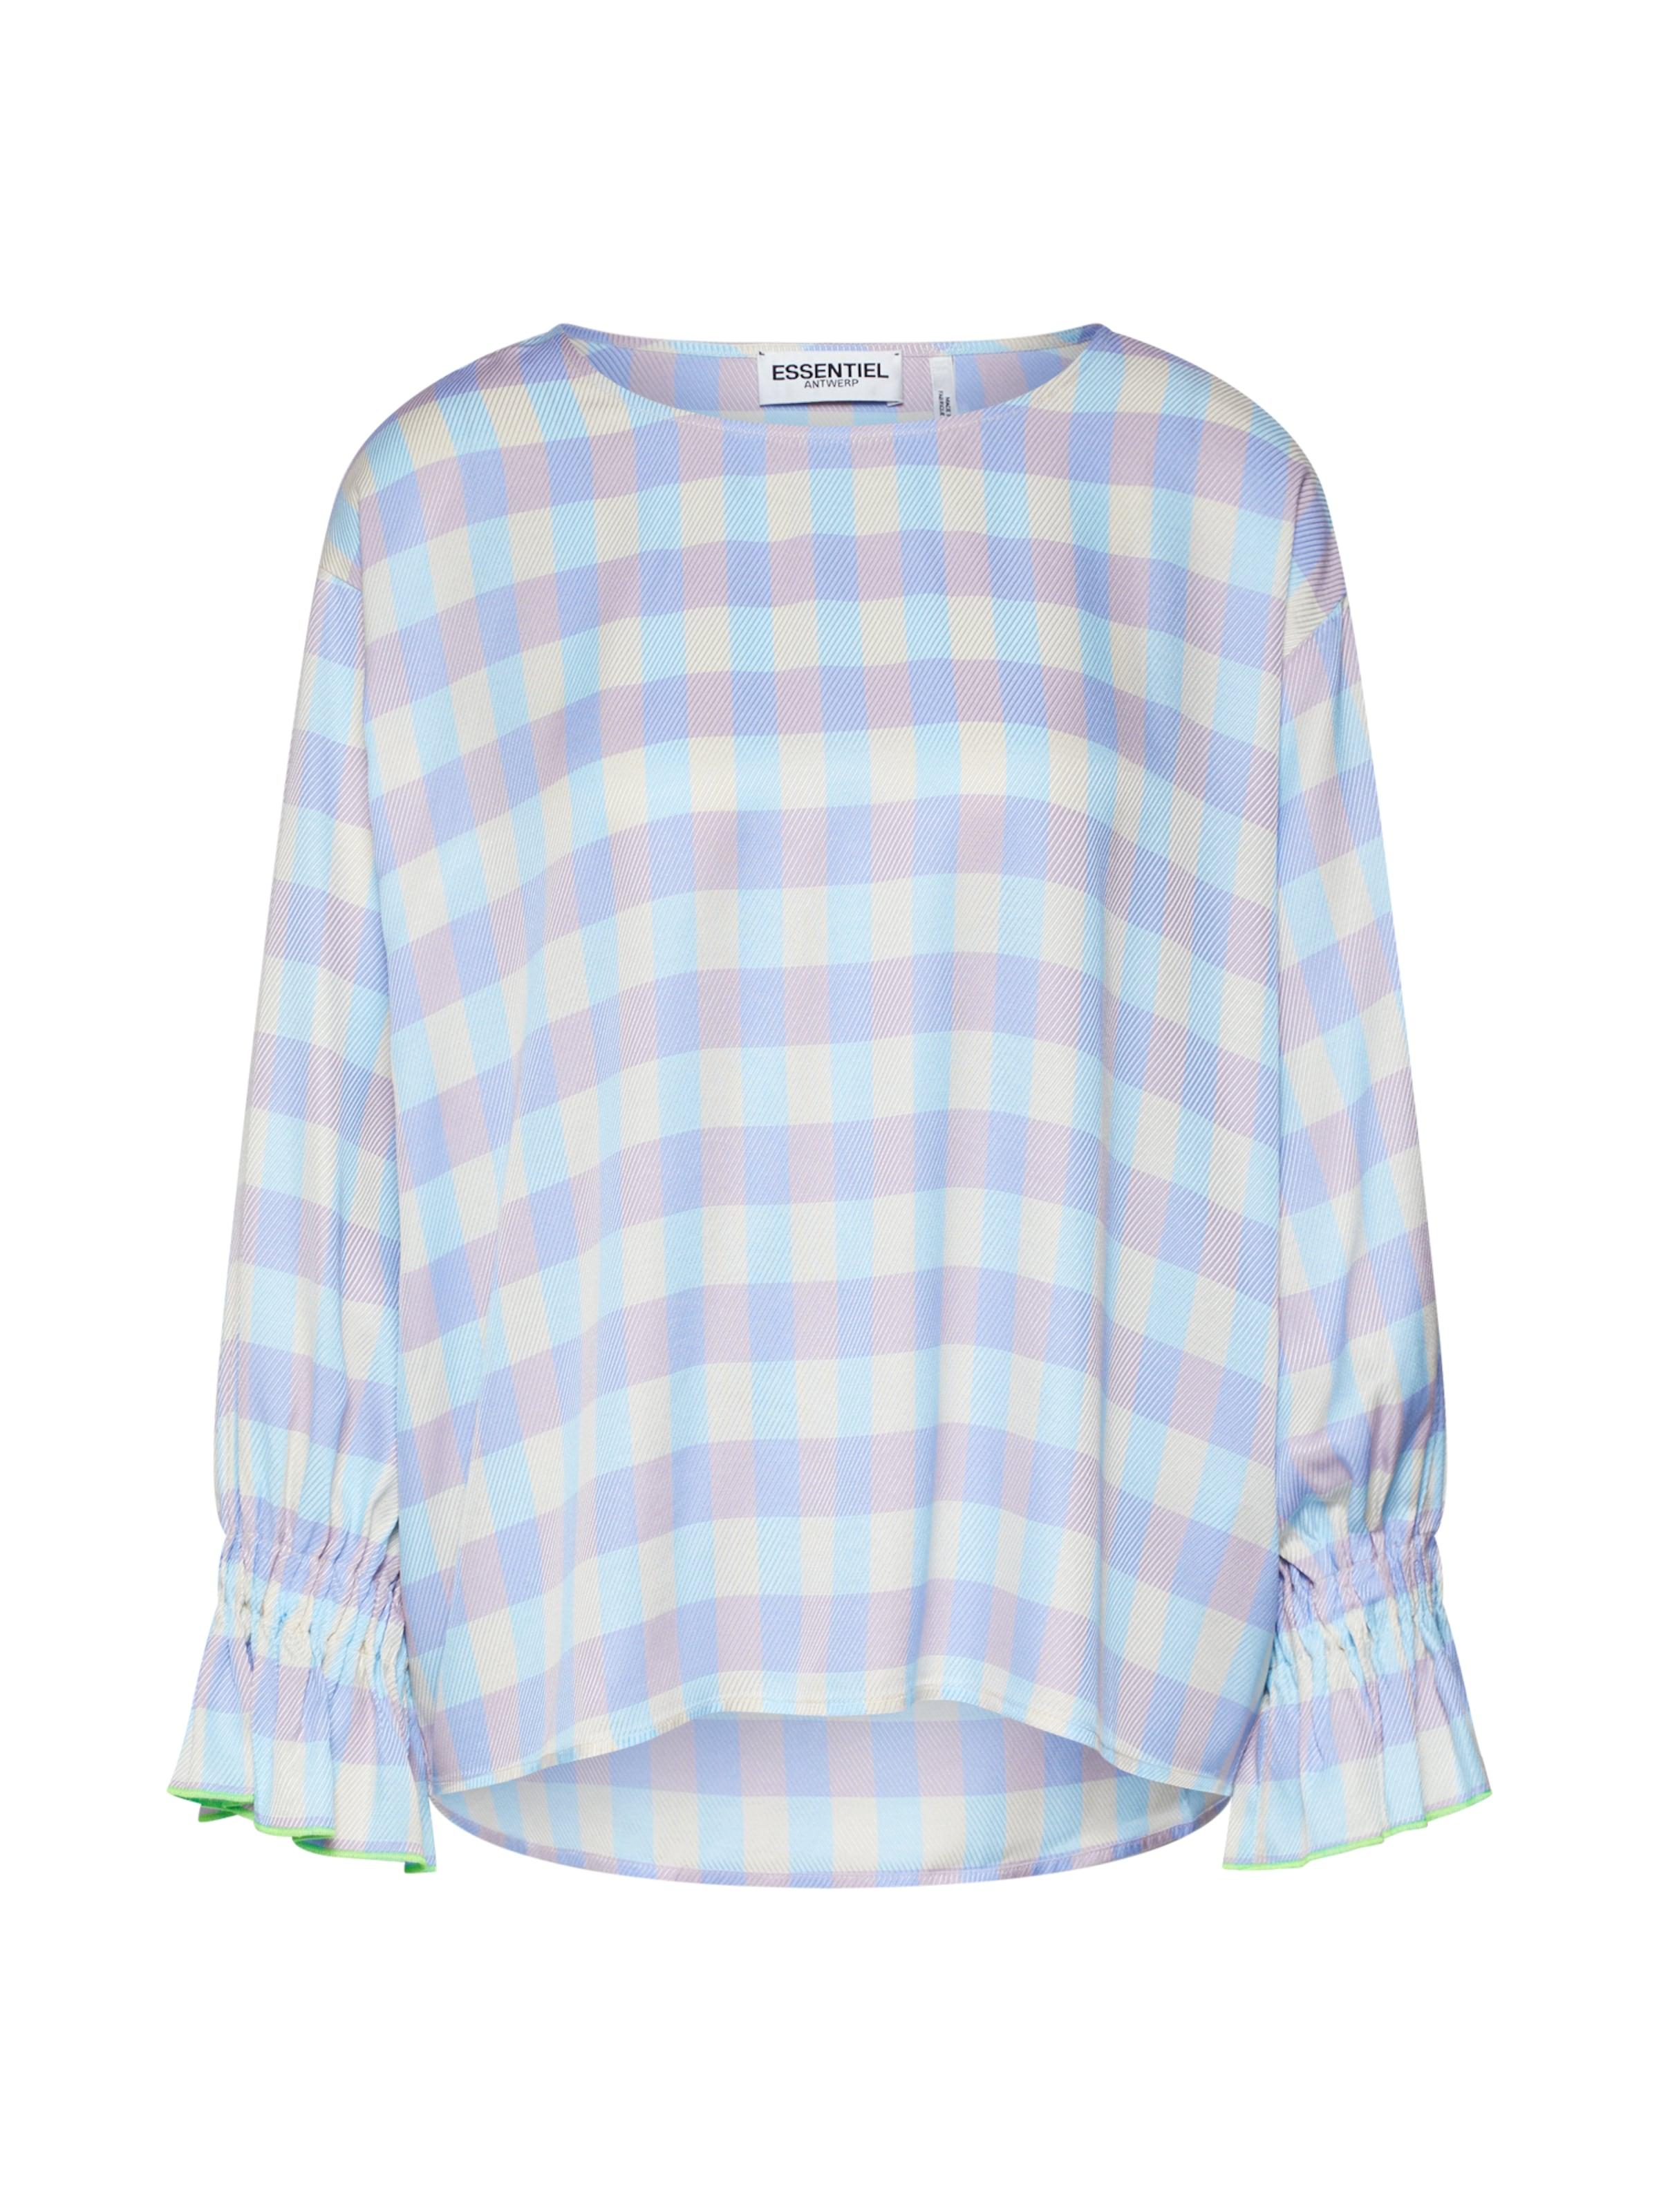 In HellblauFlieder Antwerp Essentiel Essentiel Antwerp Shirt QCothrdsxB